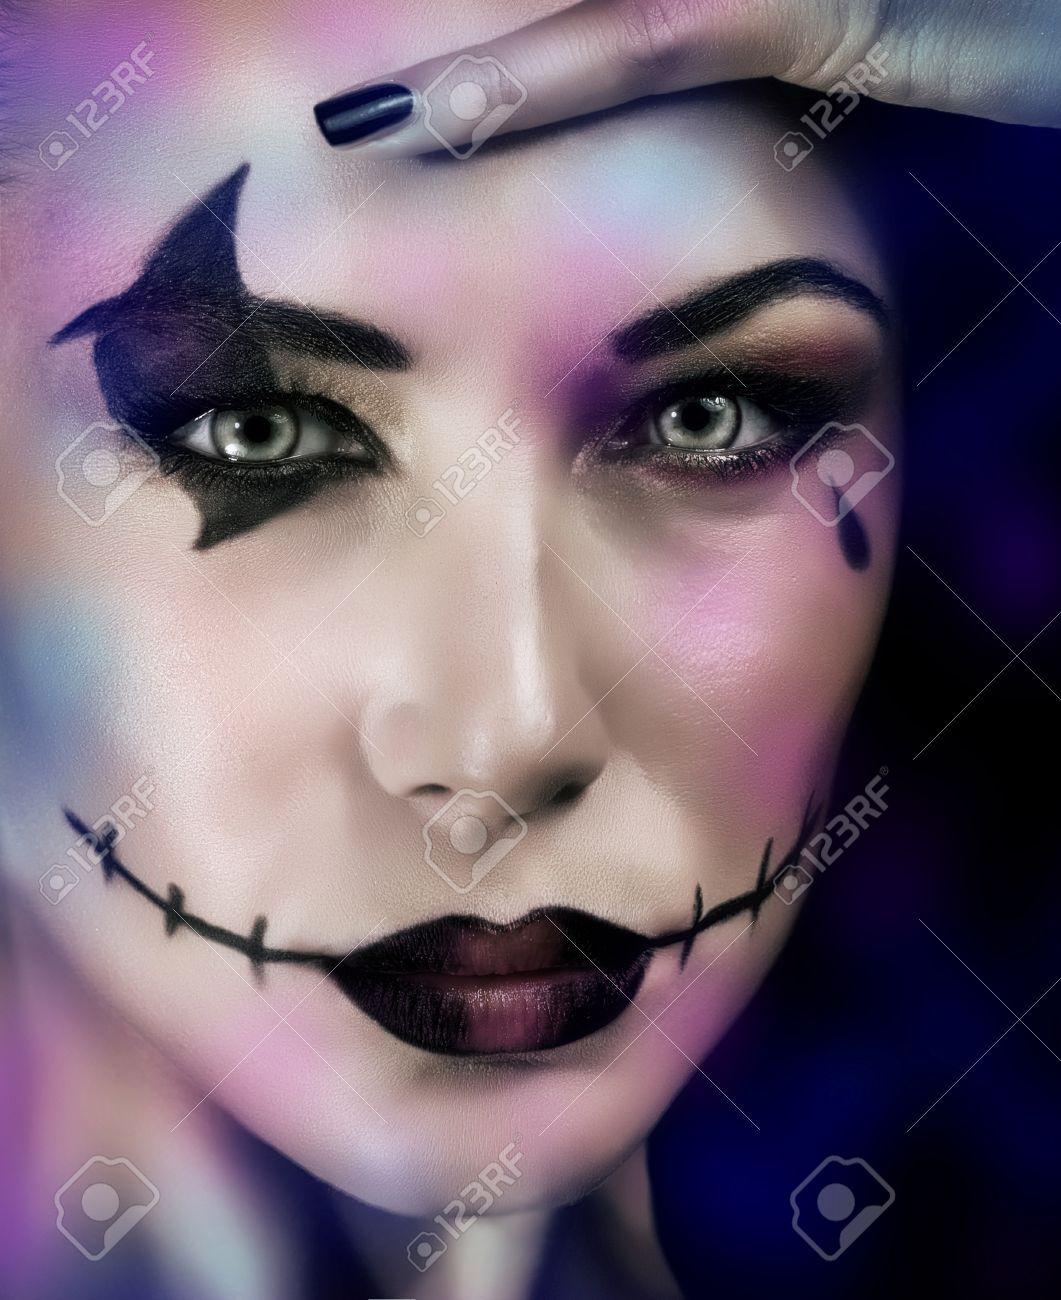 Foto de archivo , Primer retrato de mujer con maquillaje para la fiesta de Halloween sobre fondo azul oscuro, bruja aterradora, zombi muertos mira